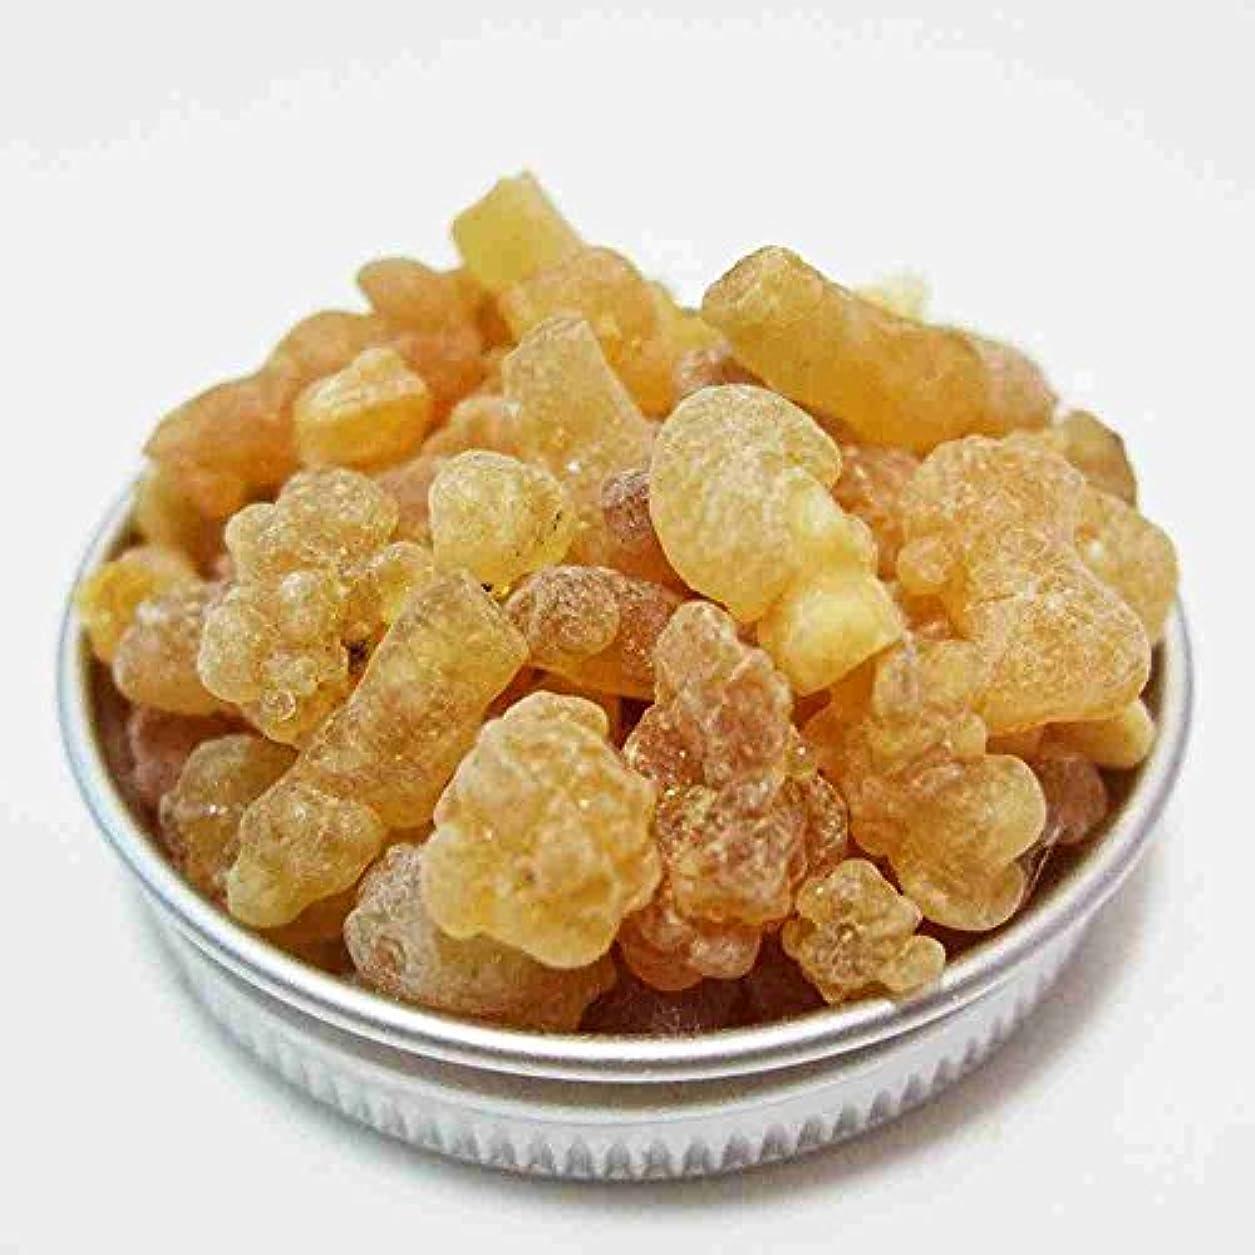 会う港体細胞フランキンセンス Frsnkincense (乳香) 天然樹脂香 フランキンセンス(乳香), 1 Ounce (28 g)